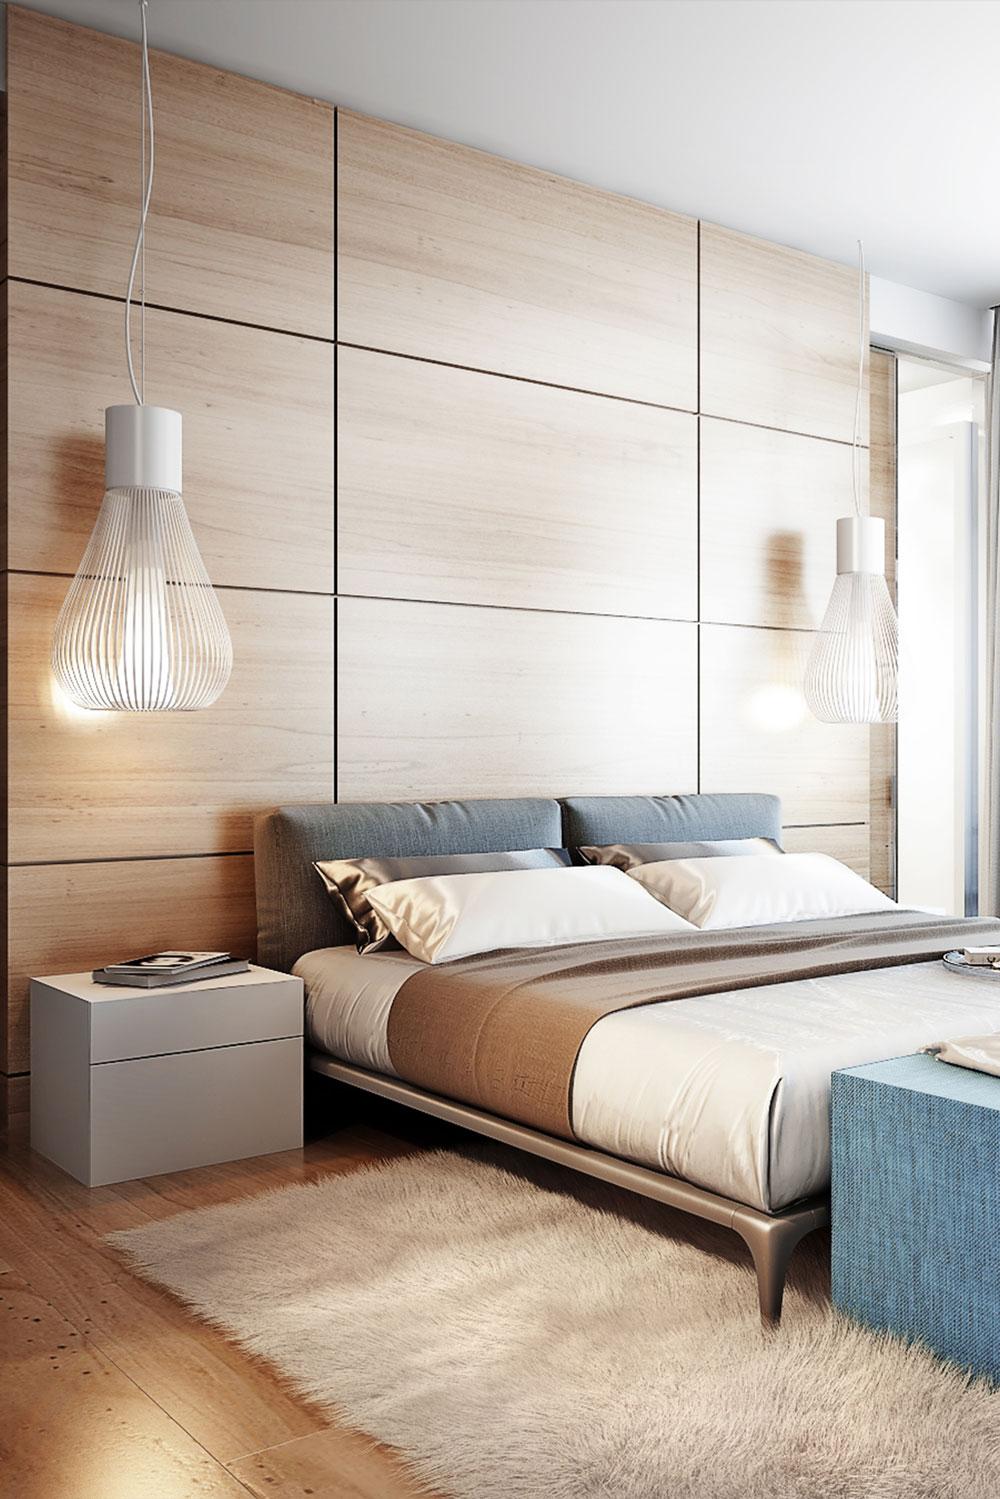 UNIVERSAL DESIGN IN THE BEDROOM